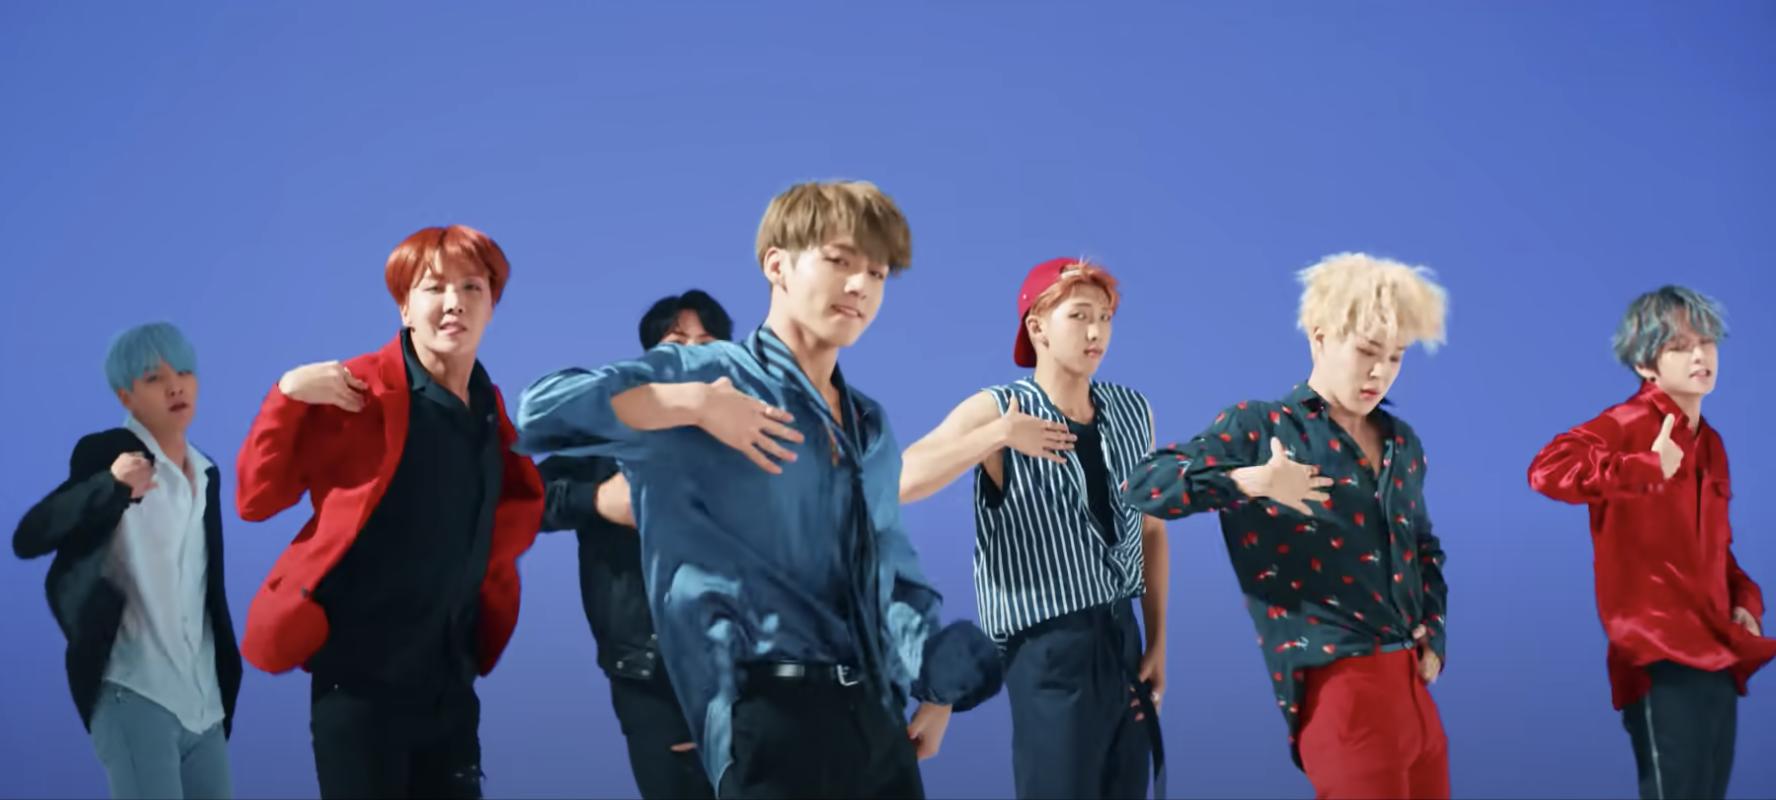 The Kpop band BTS dances